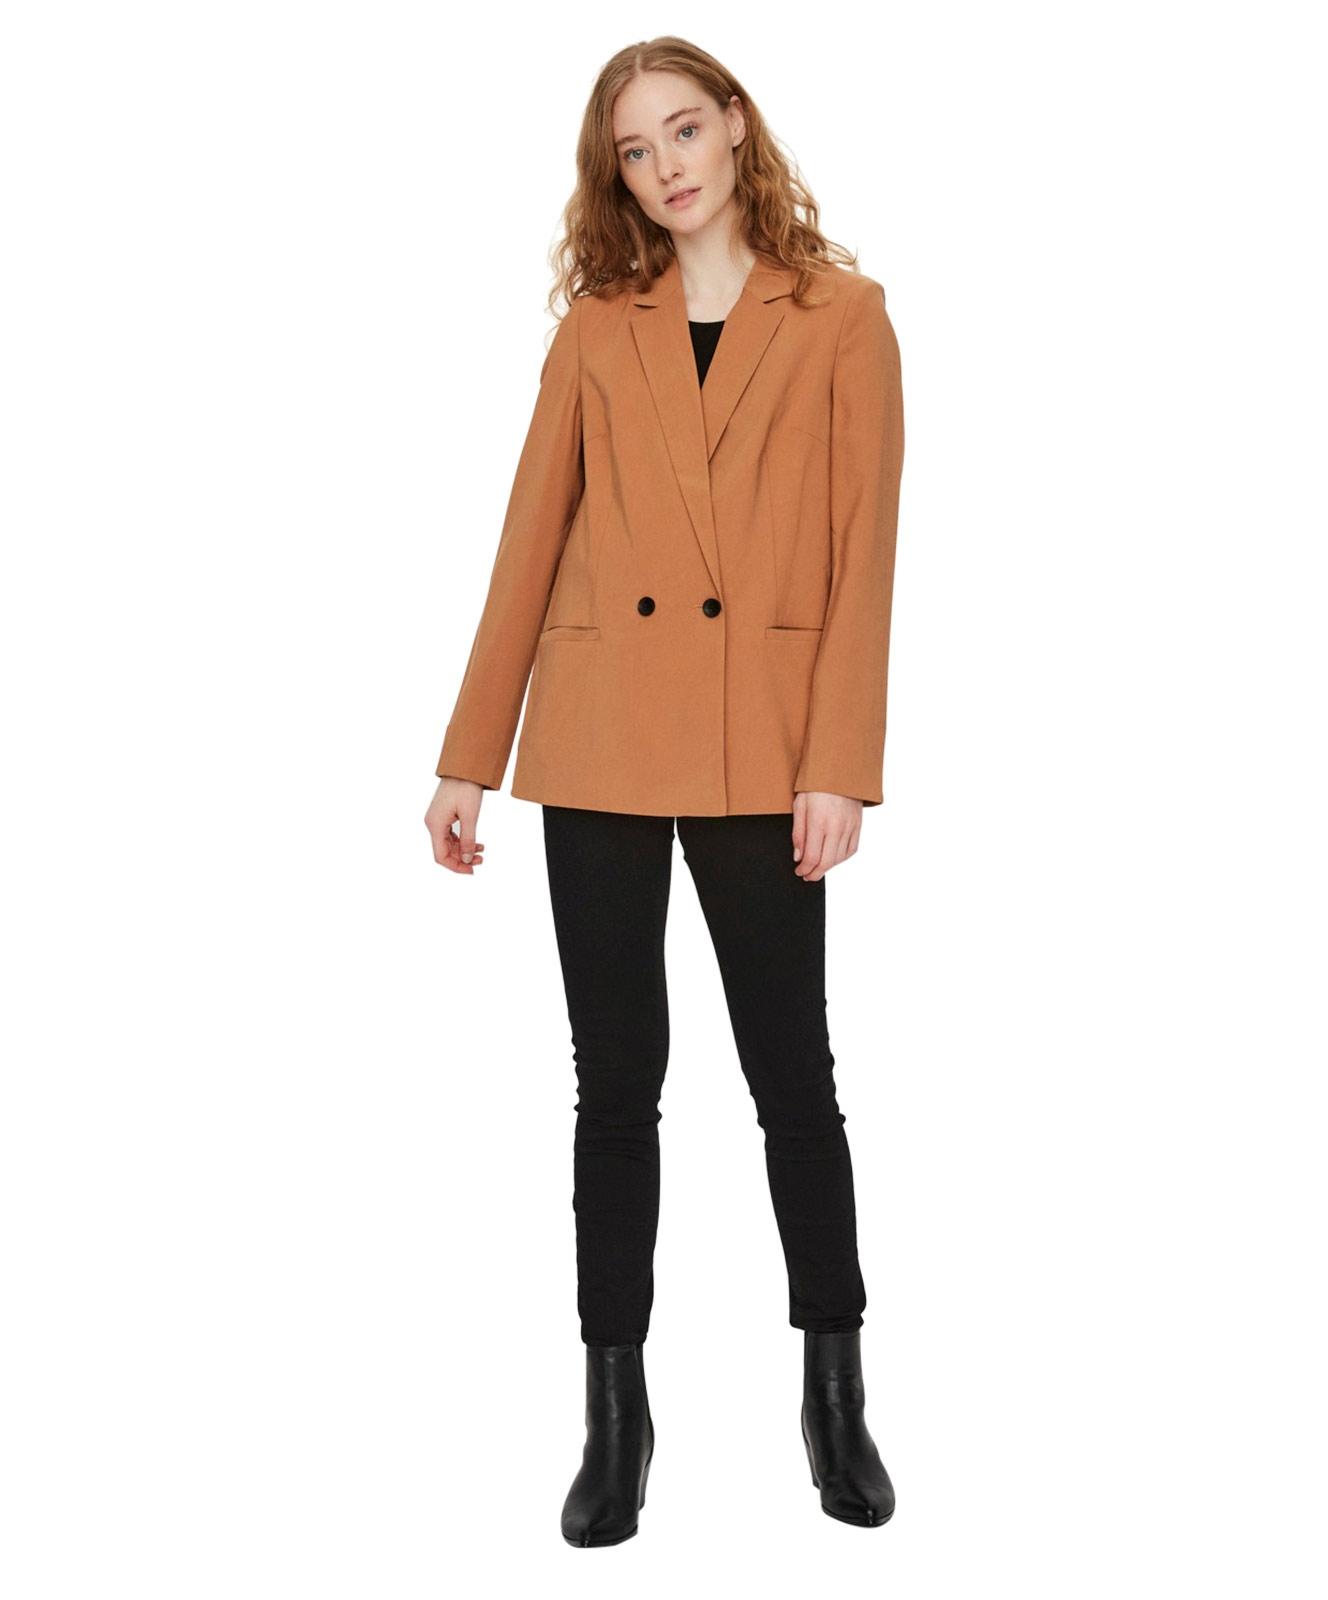 Jacken - Vero Moda Blazer Regular Fit Longblazer in Meerkat  - Onlineshop Jeans Meile